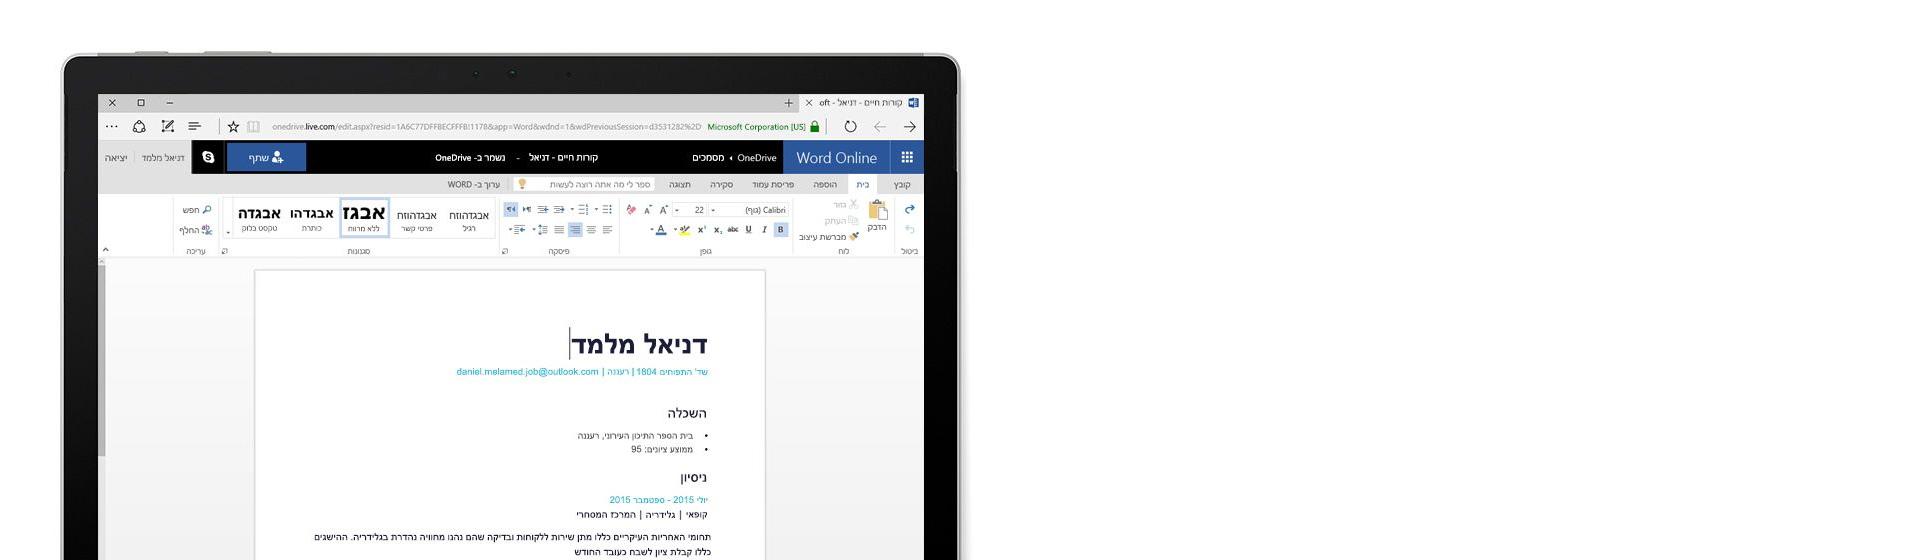 מסך מחשב שמציג יצירת קורות חיים ב- Word Online